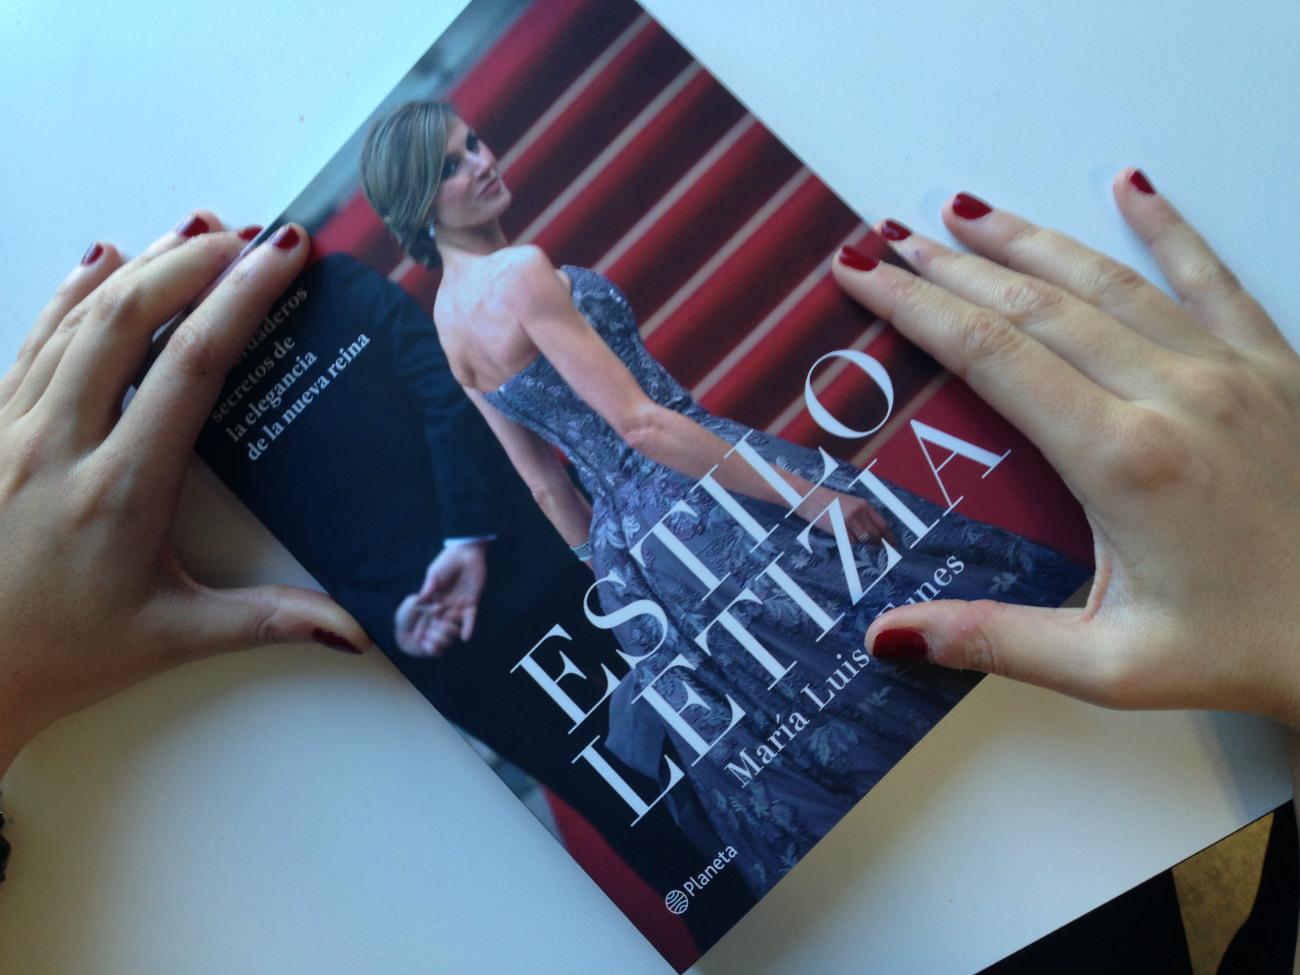 Portada del libro Estilo Letizia. (JORGE PARÍS)